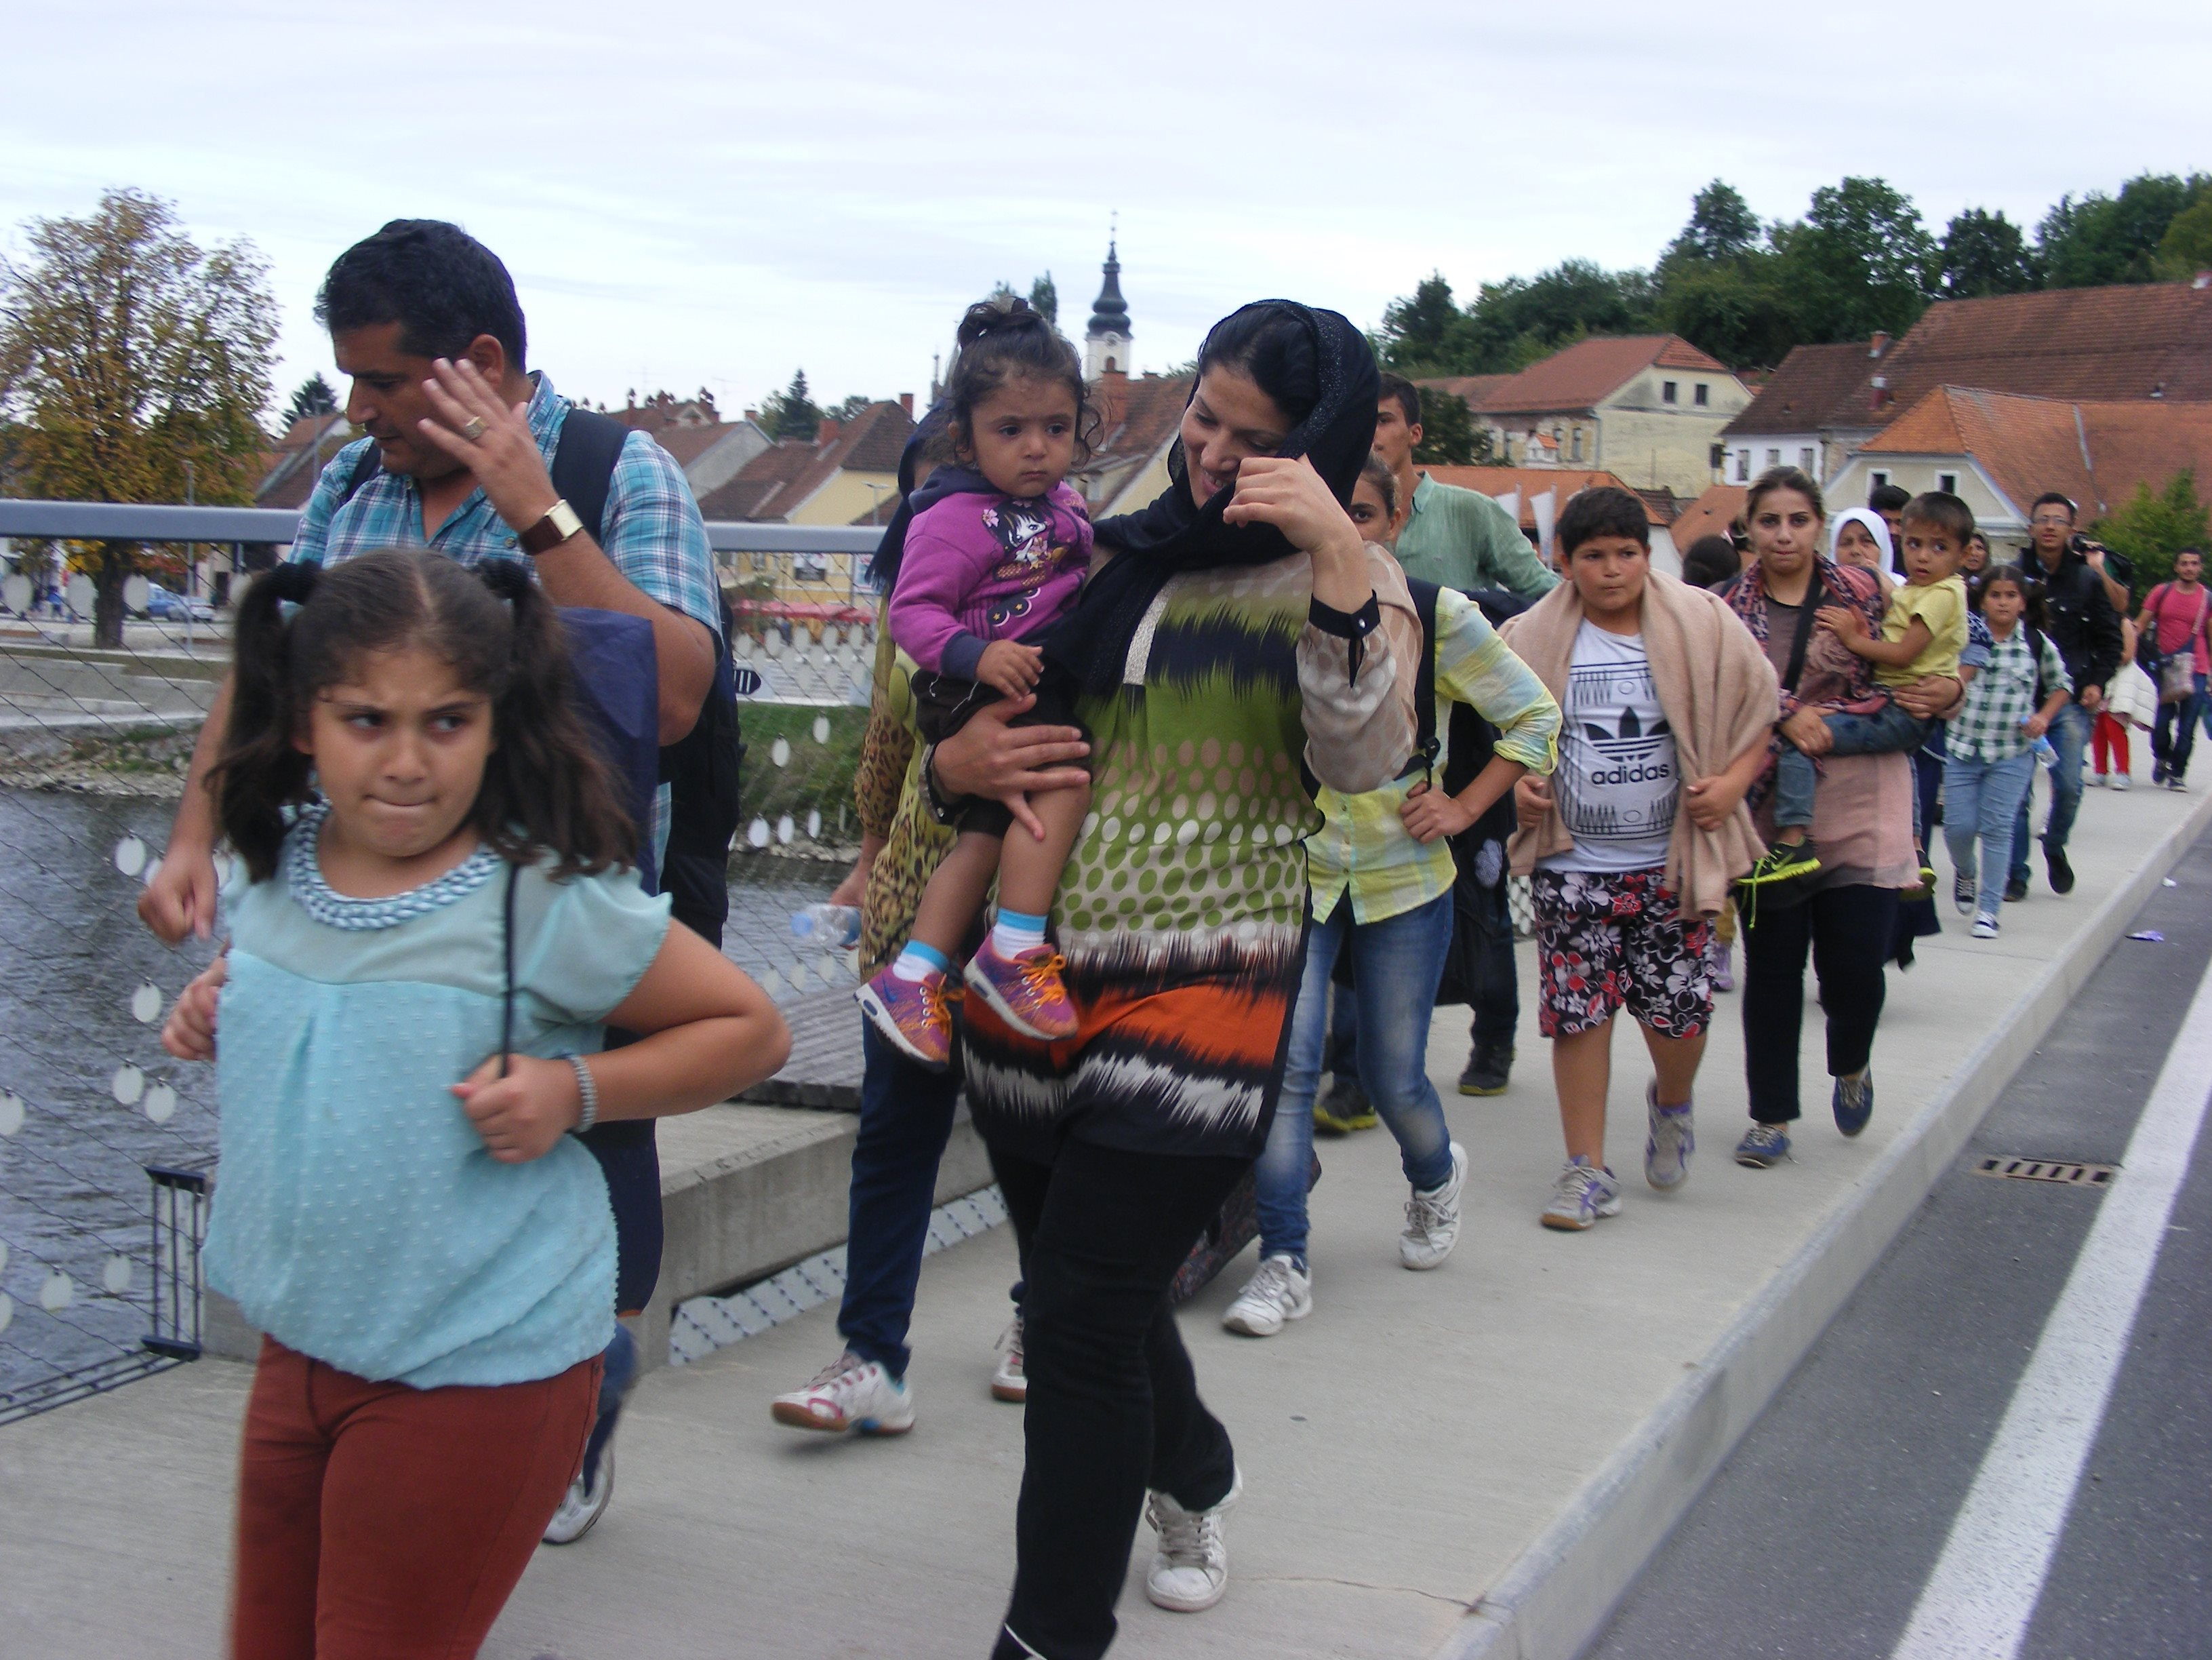 Tujci so proti meji z Avstrijo krenili samovoljno